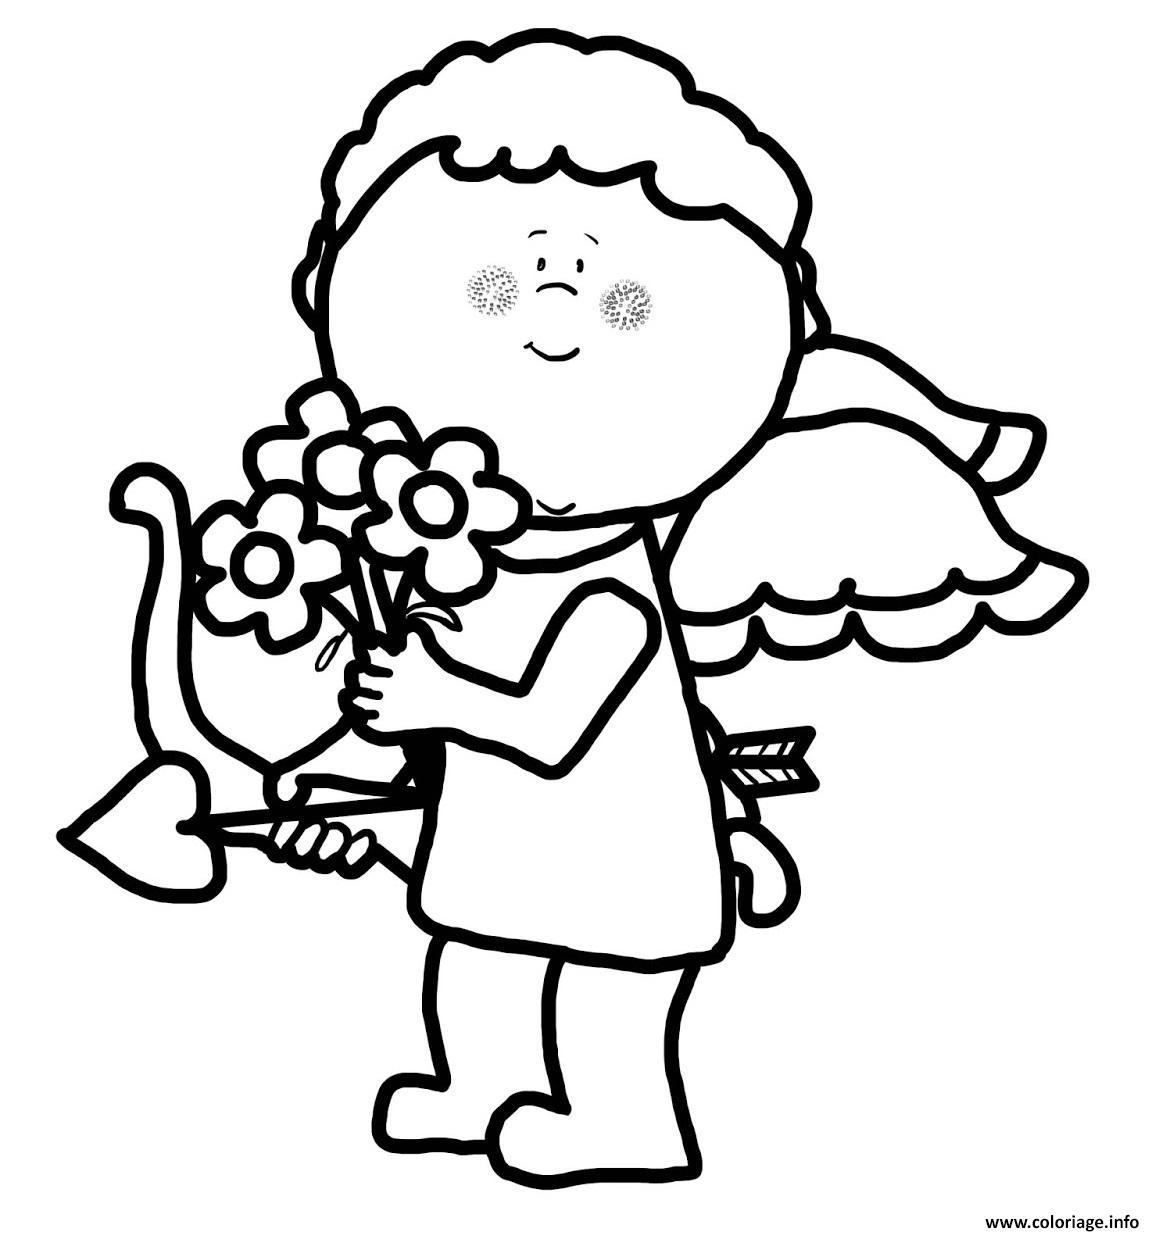 Dessin cupidon offre des fleurs pour la st valentin Coloriage Gratuit à Imprimer